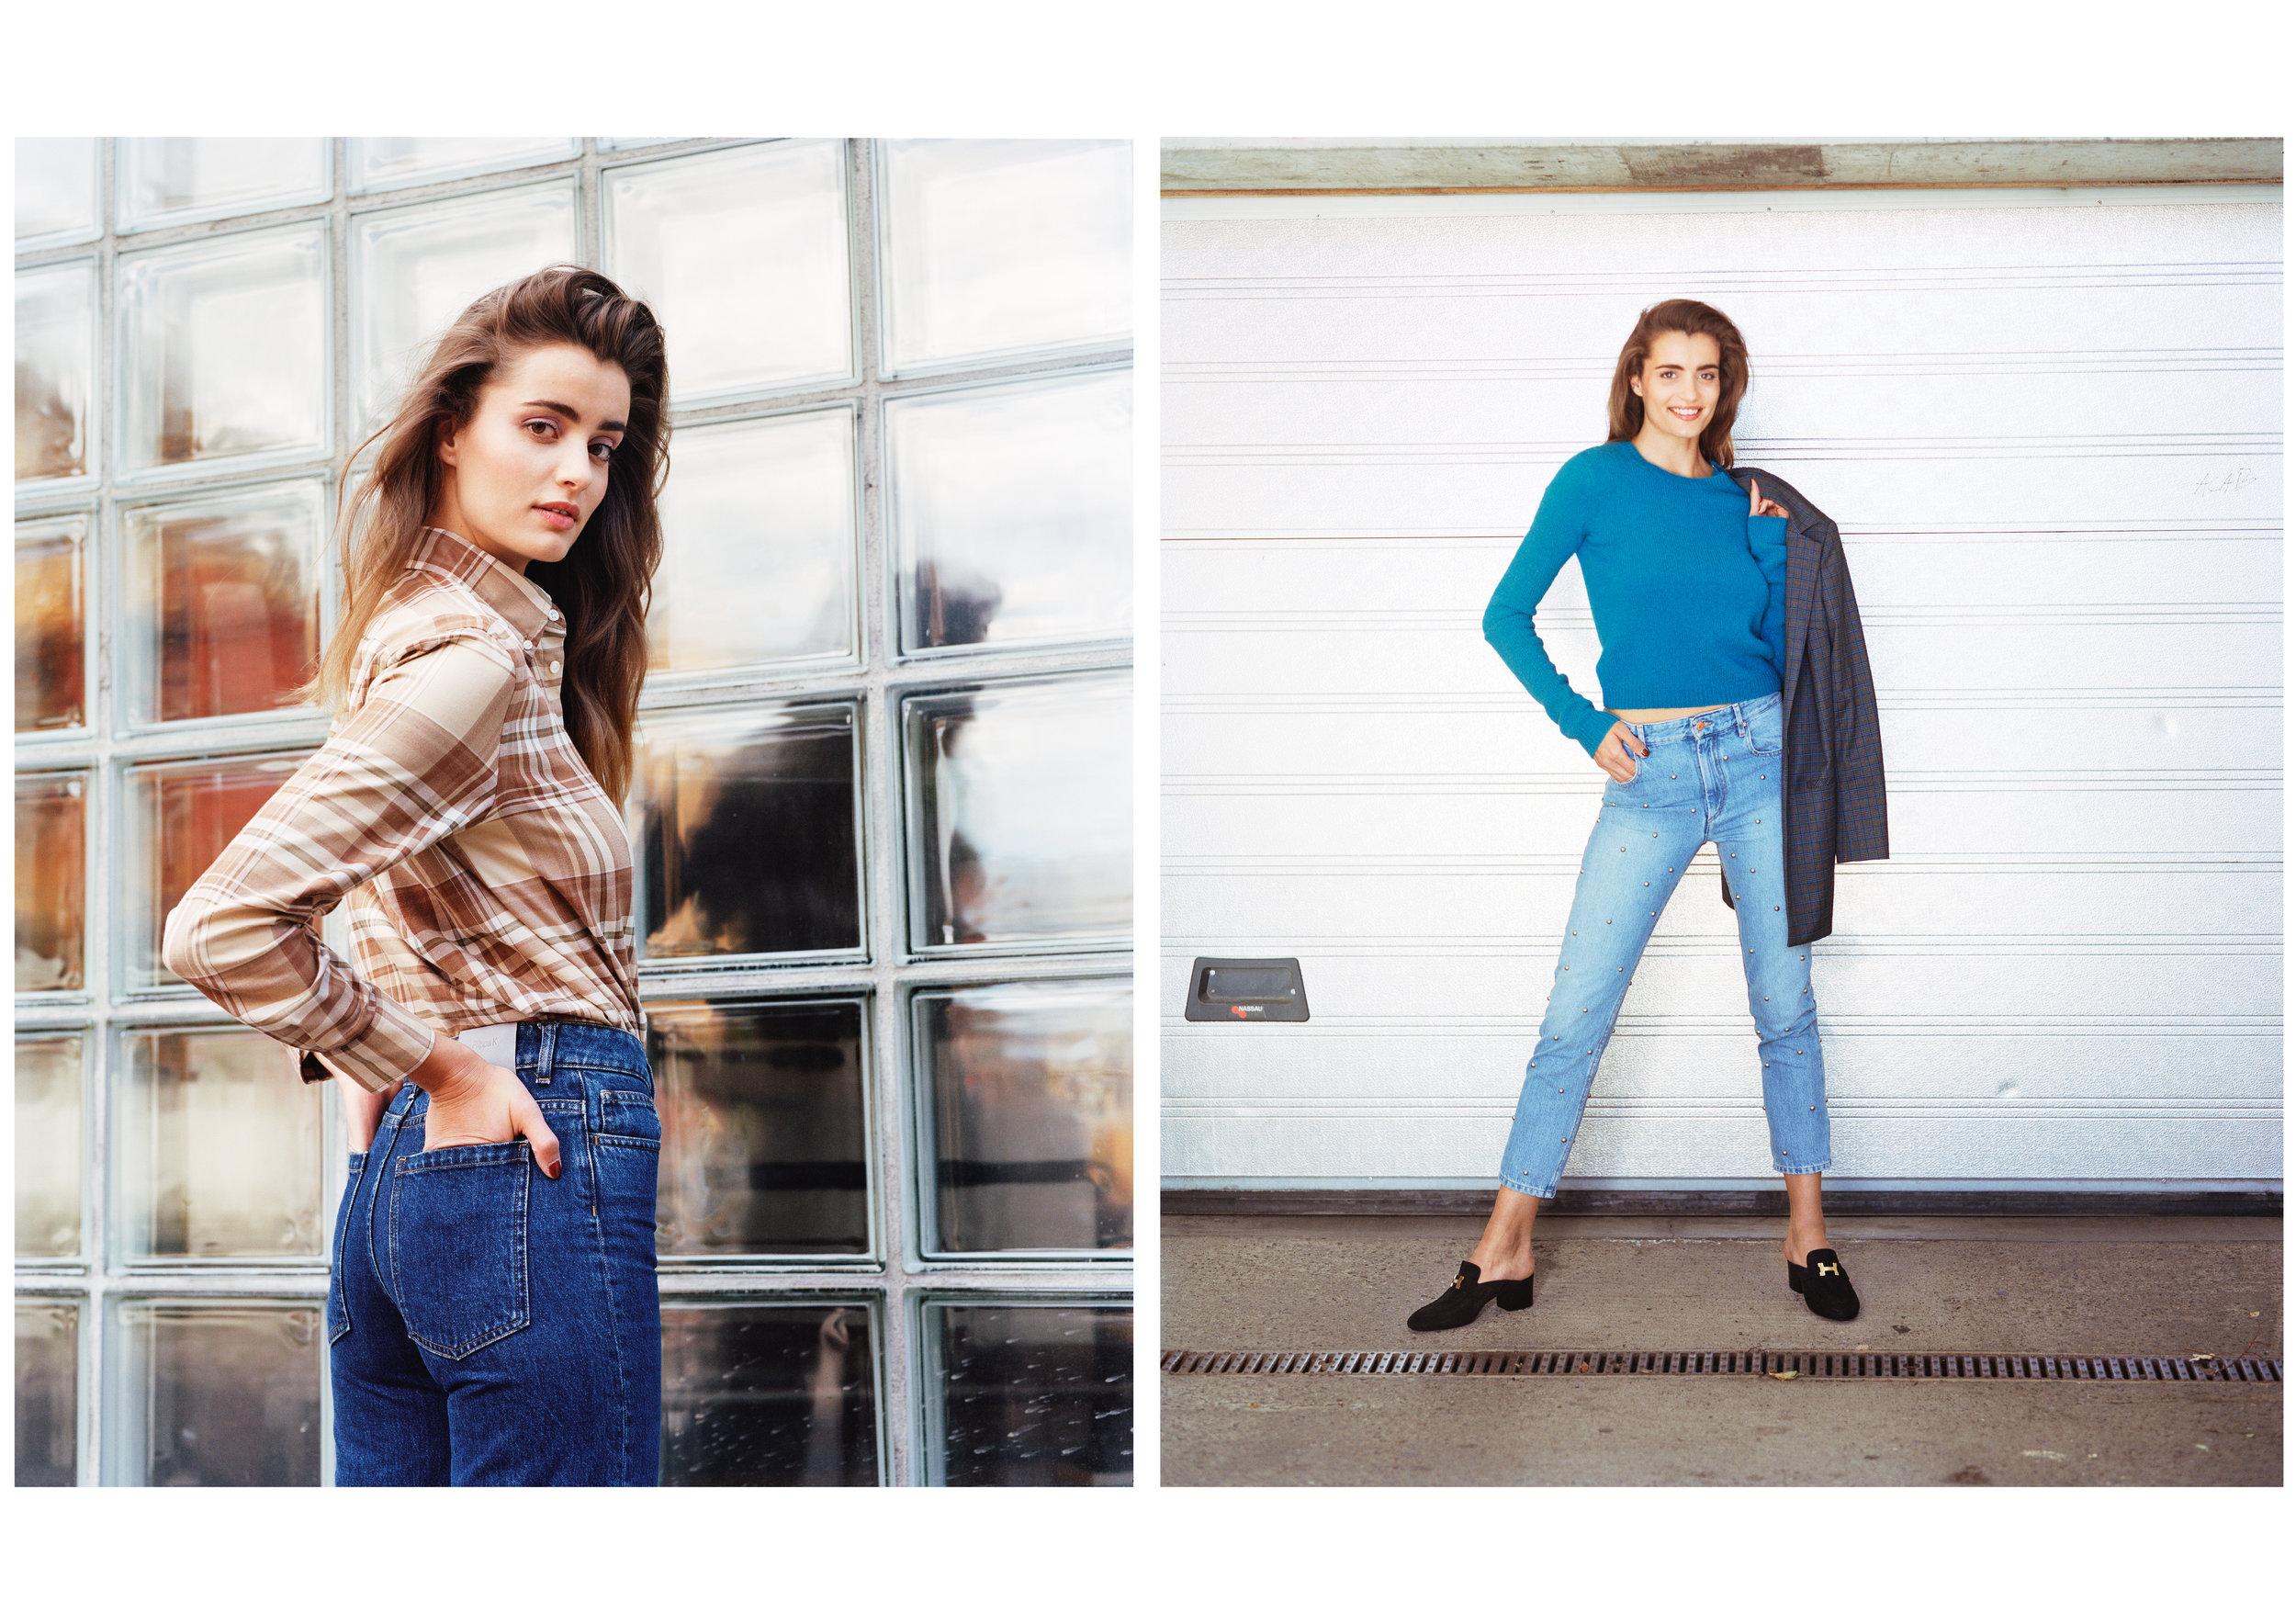 Maude: Skjorte - Ralph Lauren Bukse - Filippa K & Dressjakke - GESTUZ Genser - Acne Studios Bukse - Isabel Marant Etoile Sko - Hermès